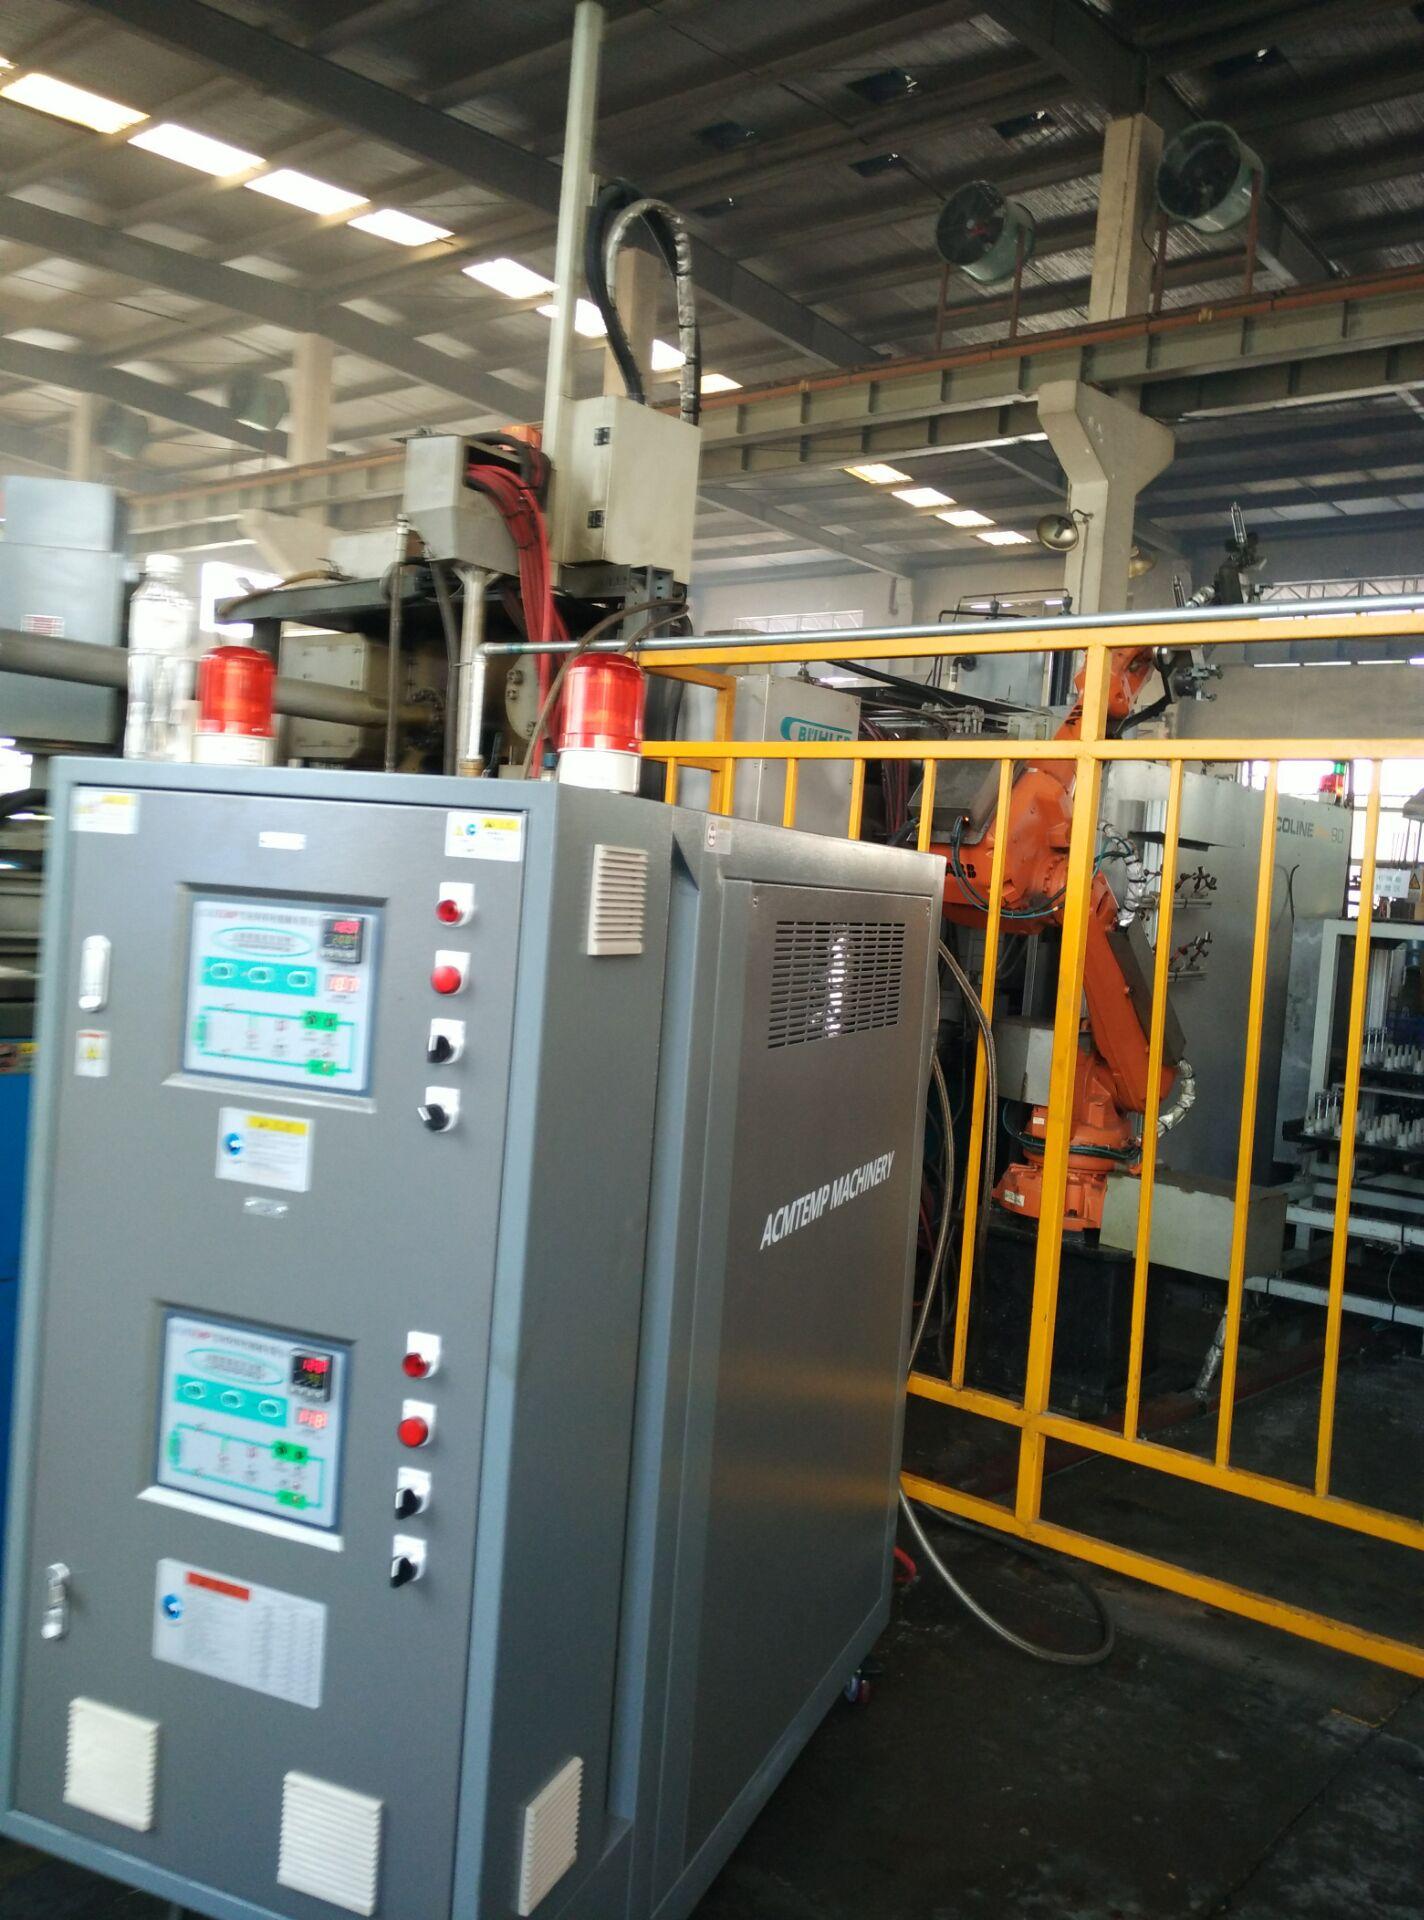 高光蒸汽注塑模温机 上海RHCM蒸汽模温机 南京RHCM蒸汽注塑系统